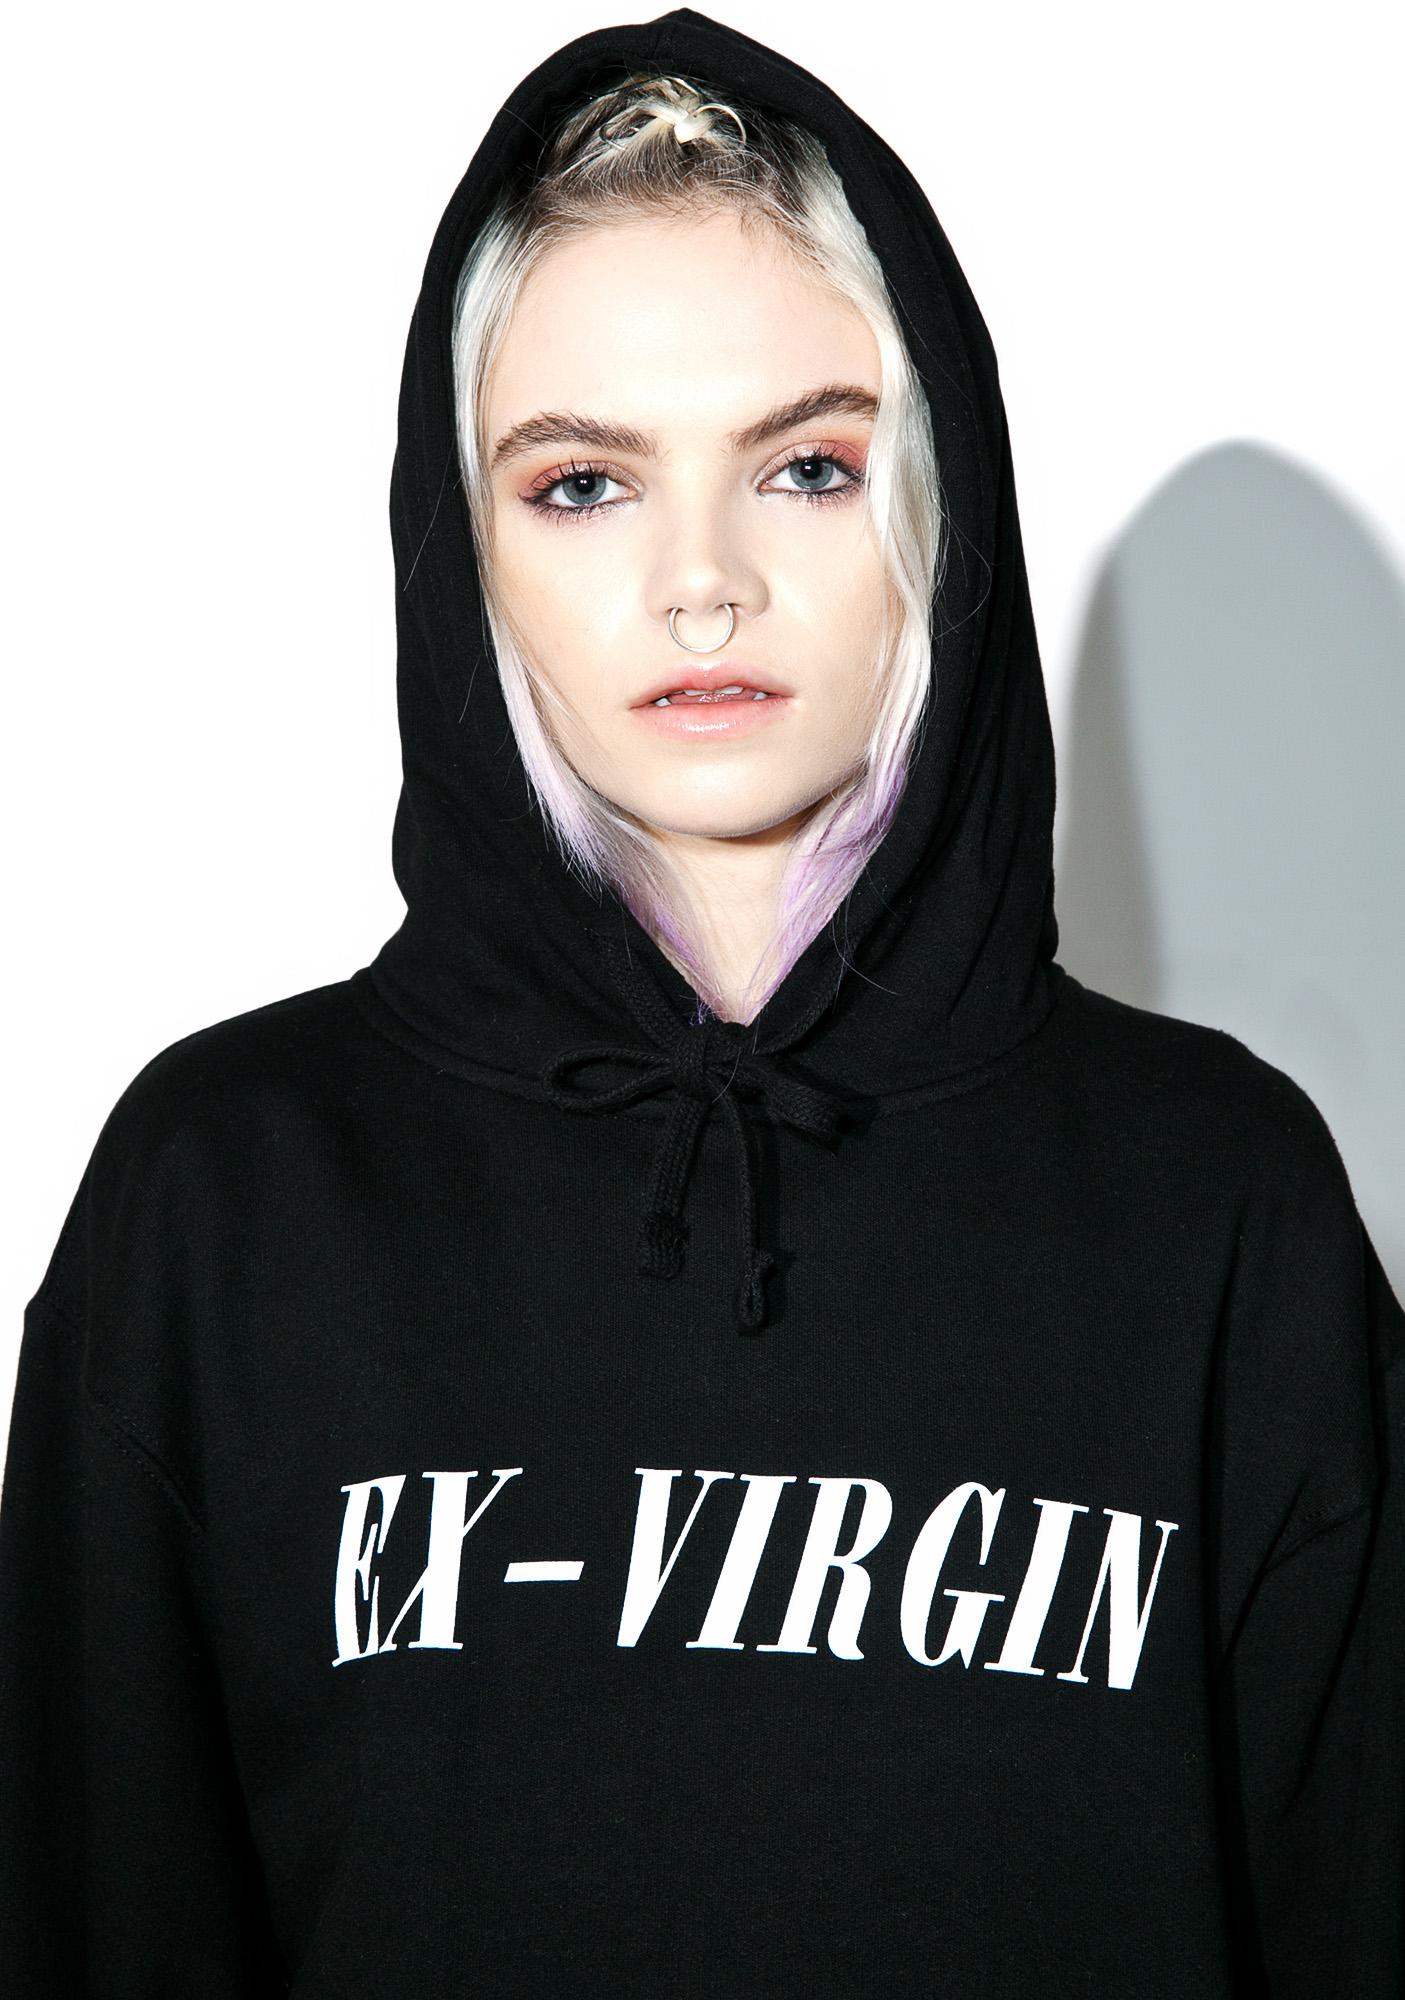 These Americans Ex Virgin Hoodie